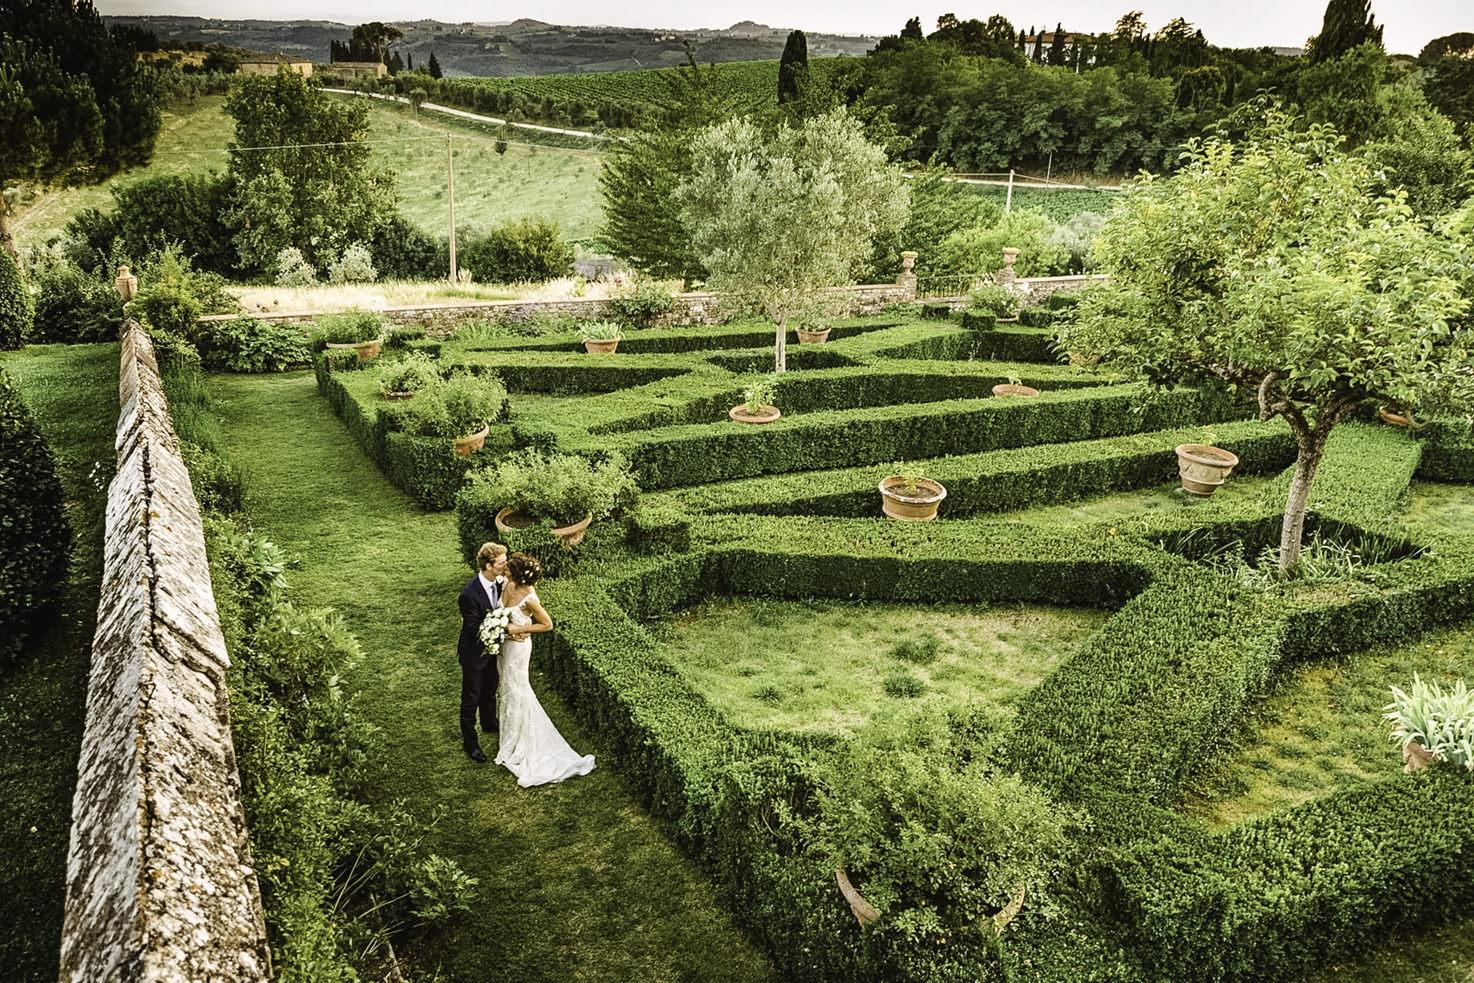 Gardens of Villa Le Corti